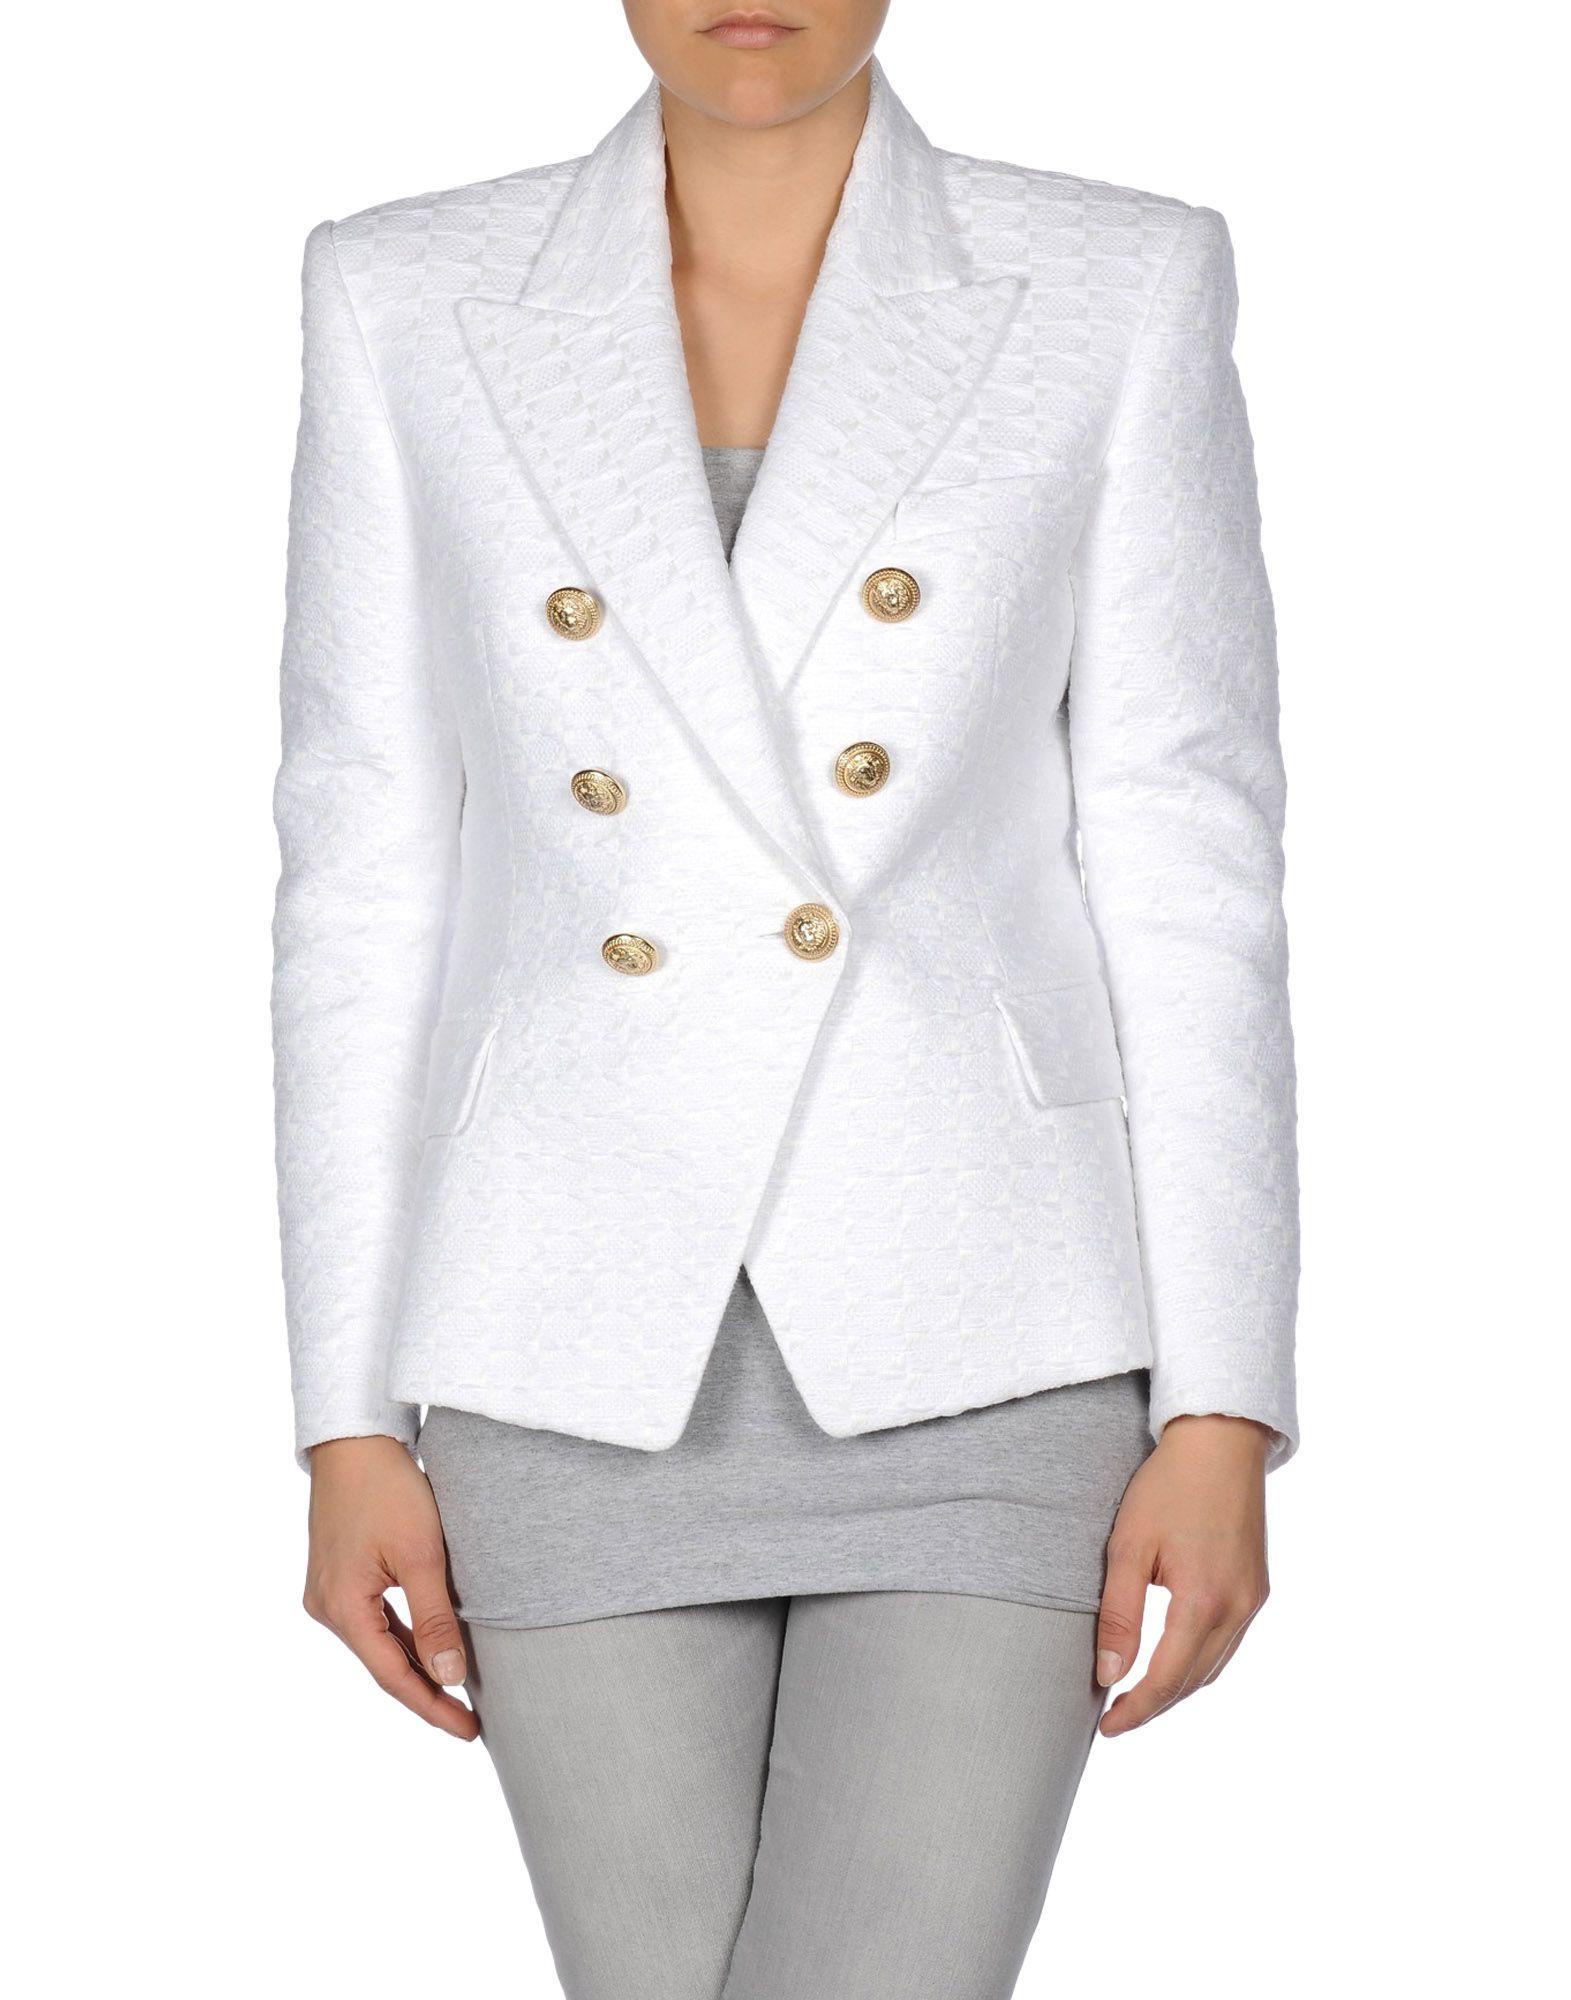 Lyst - Balmain Blazer In White